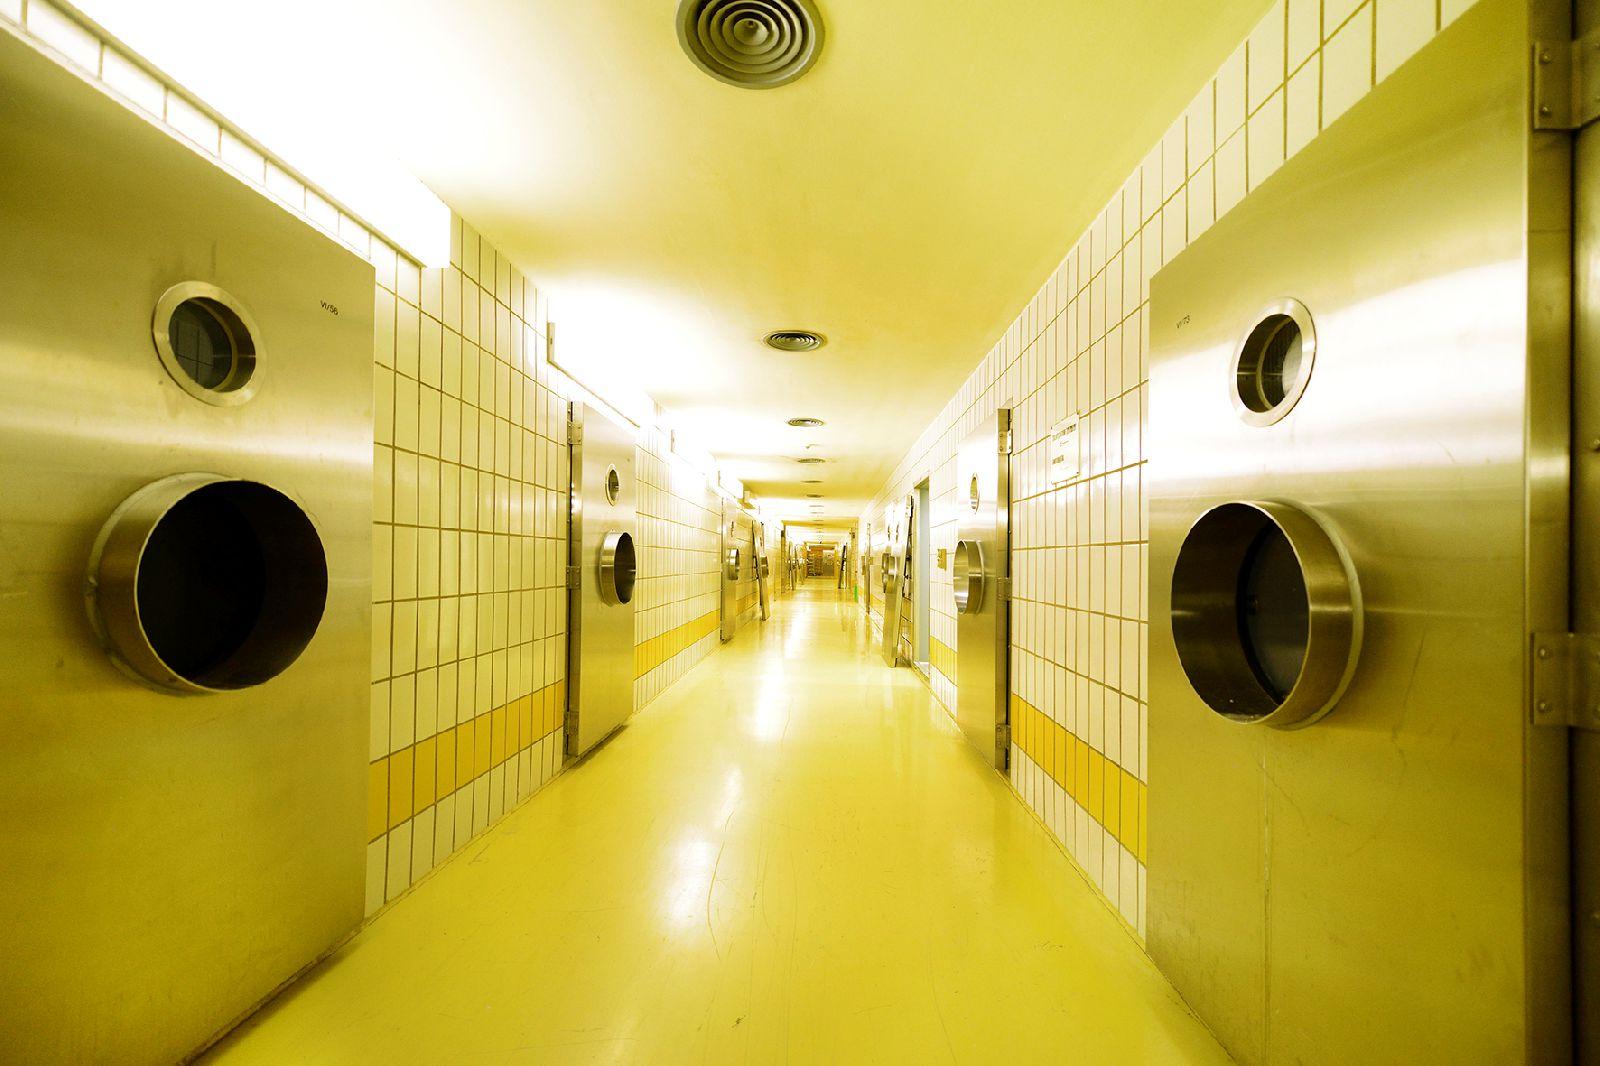 Mäusebunker & Hygieneinstitut